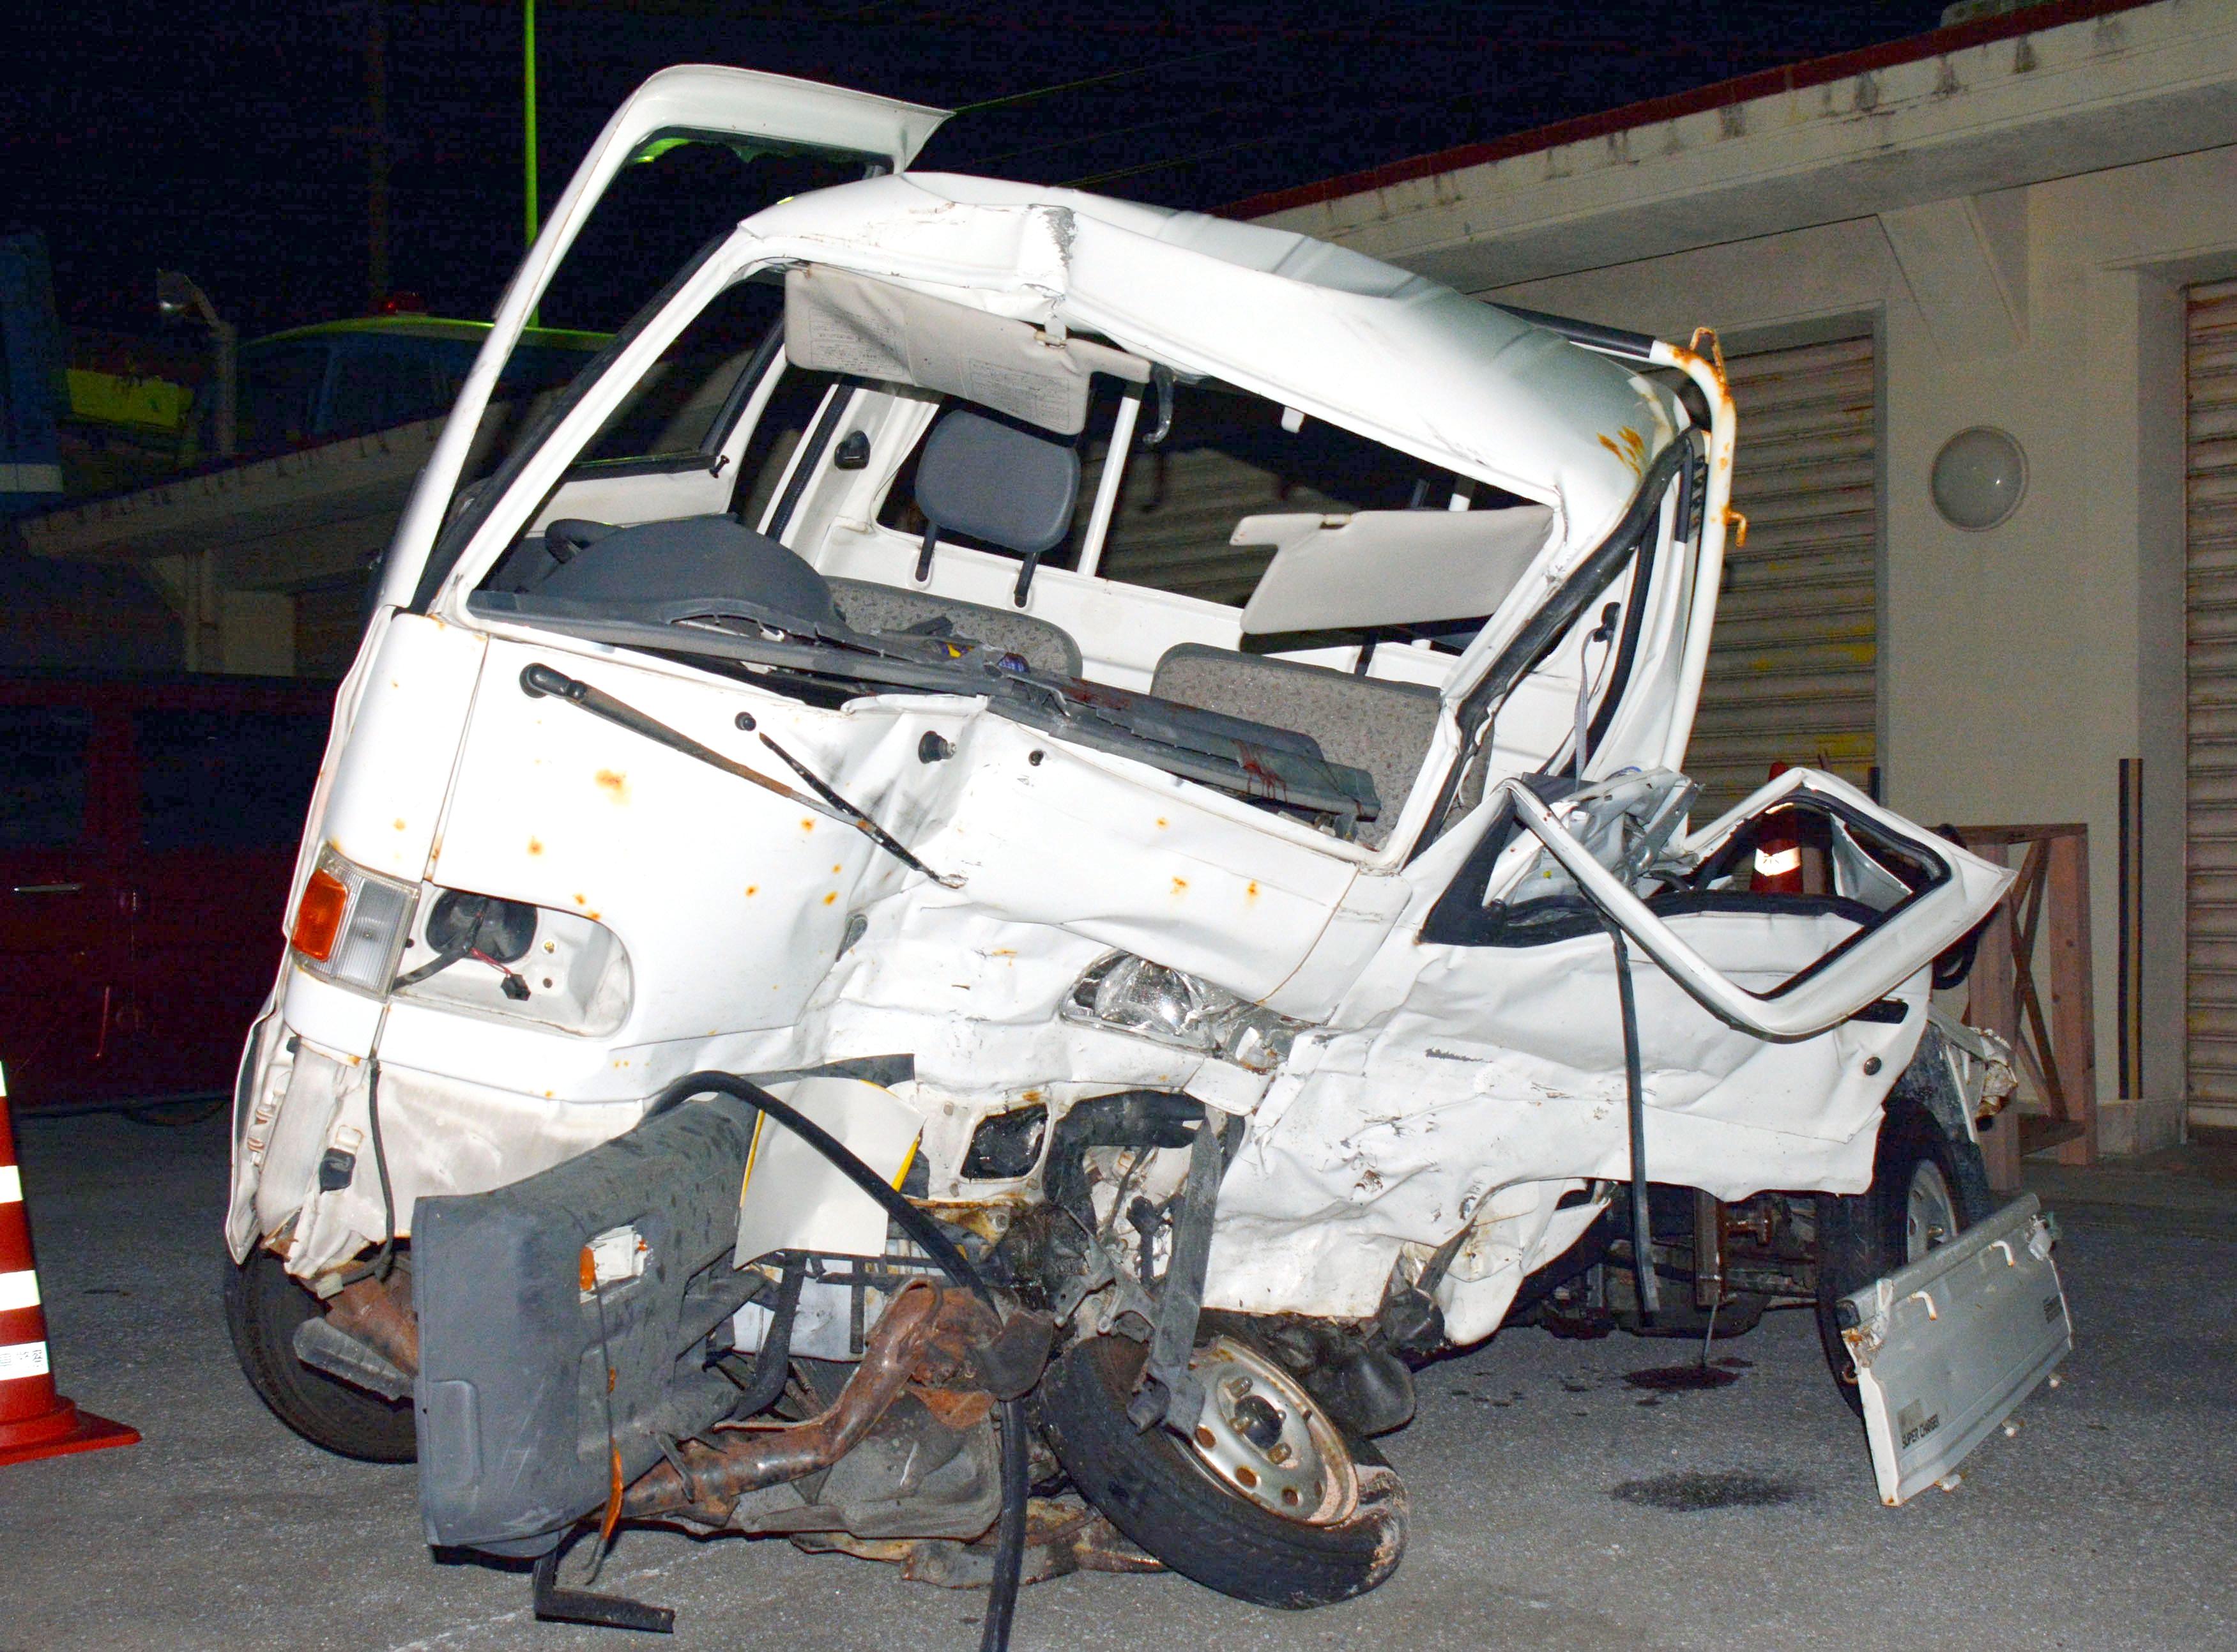 IMAGE: Wrecked vehicle on Okinawa